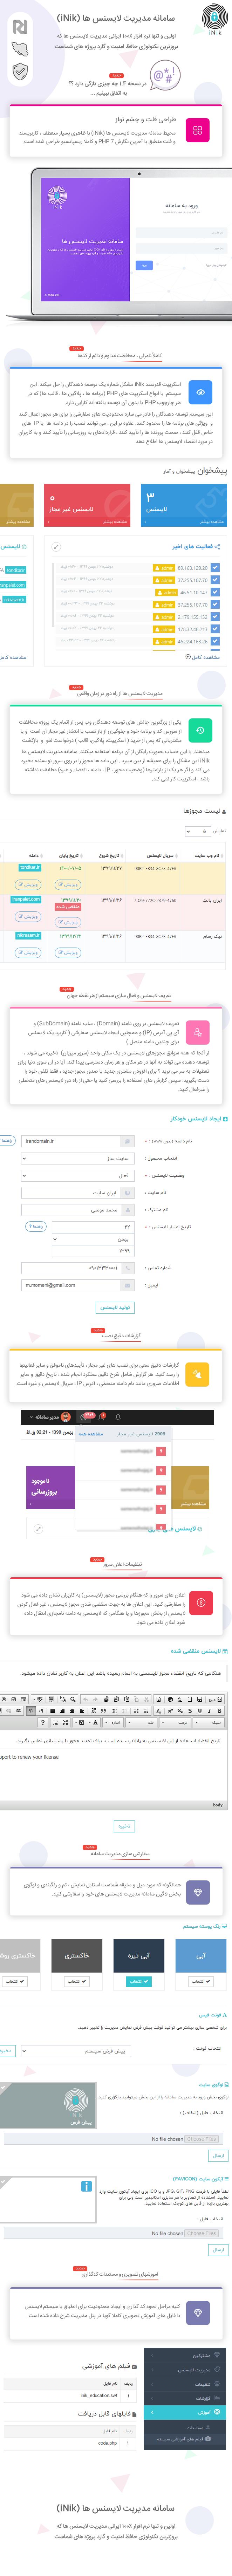 اسکریپت مدیریت لایسنس آی نیک، اسکریپت فارسی iNik